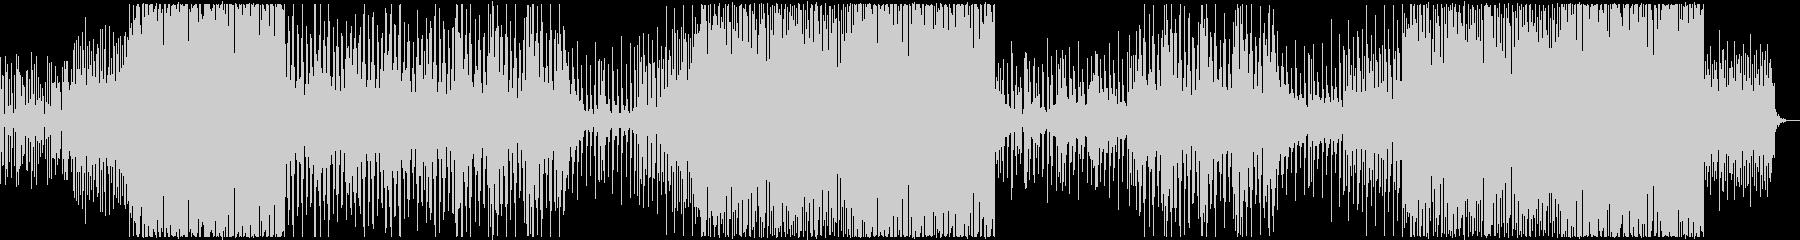 kawaii 可愛いサウンドのEDMの未再生の波形